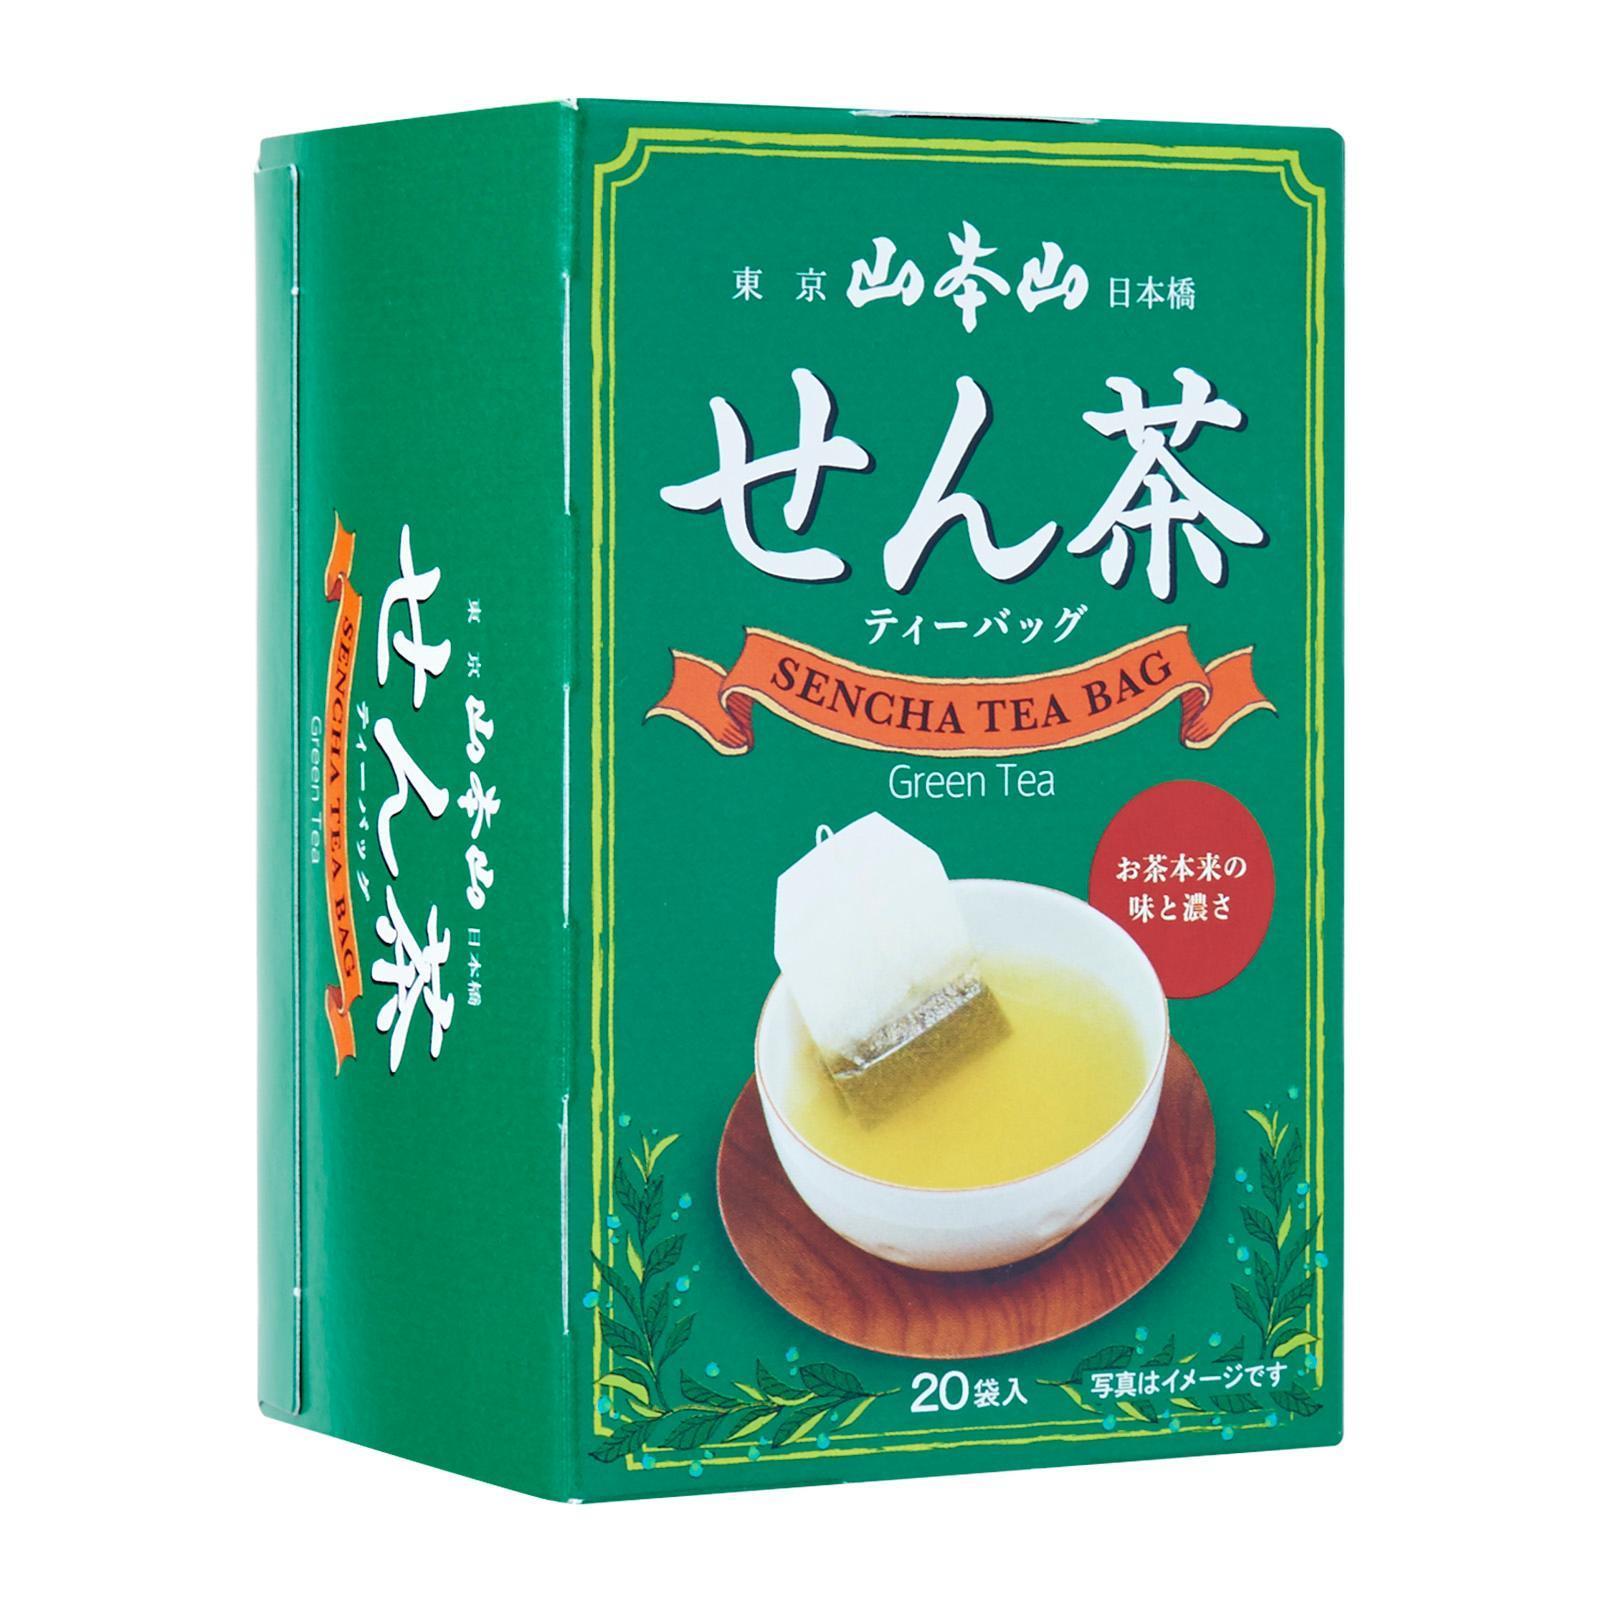 Yamamotoyama Sencha Tea Bag - Kirei